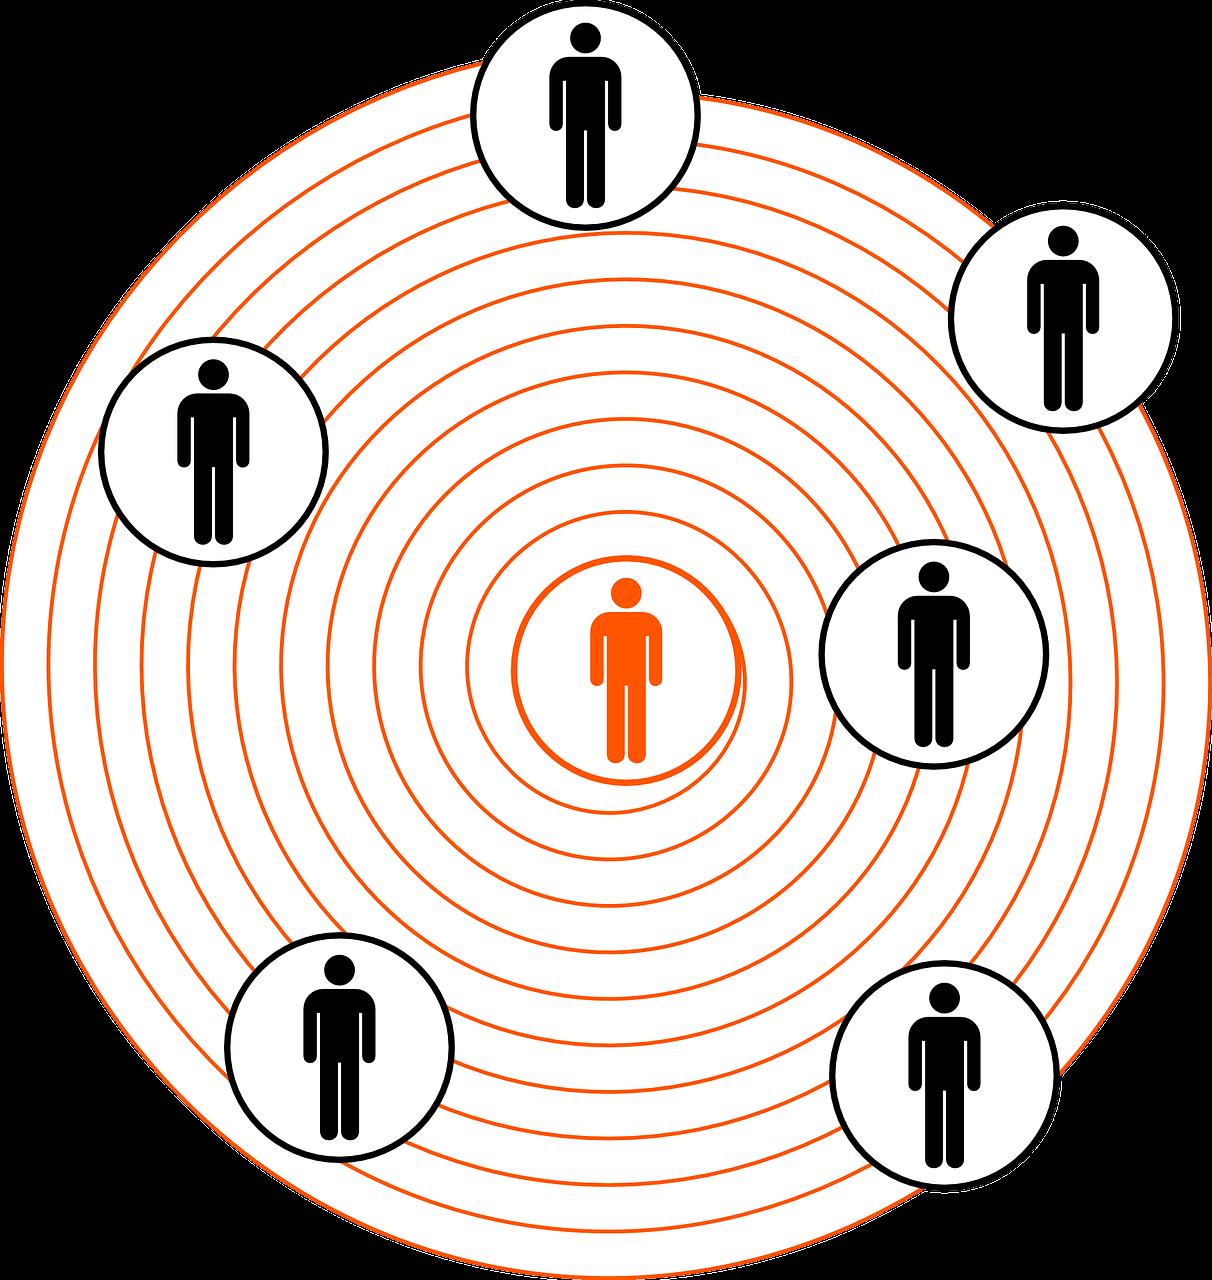 ಚಾಣಕ್ಯನ 4 ಆಕರ್ಷಣಾ ಸೂತ್ರಗಳು :